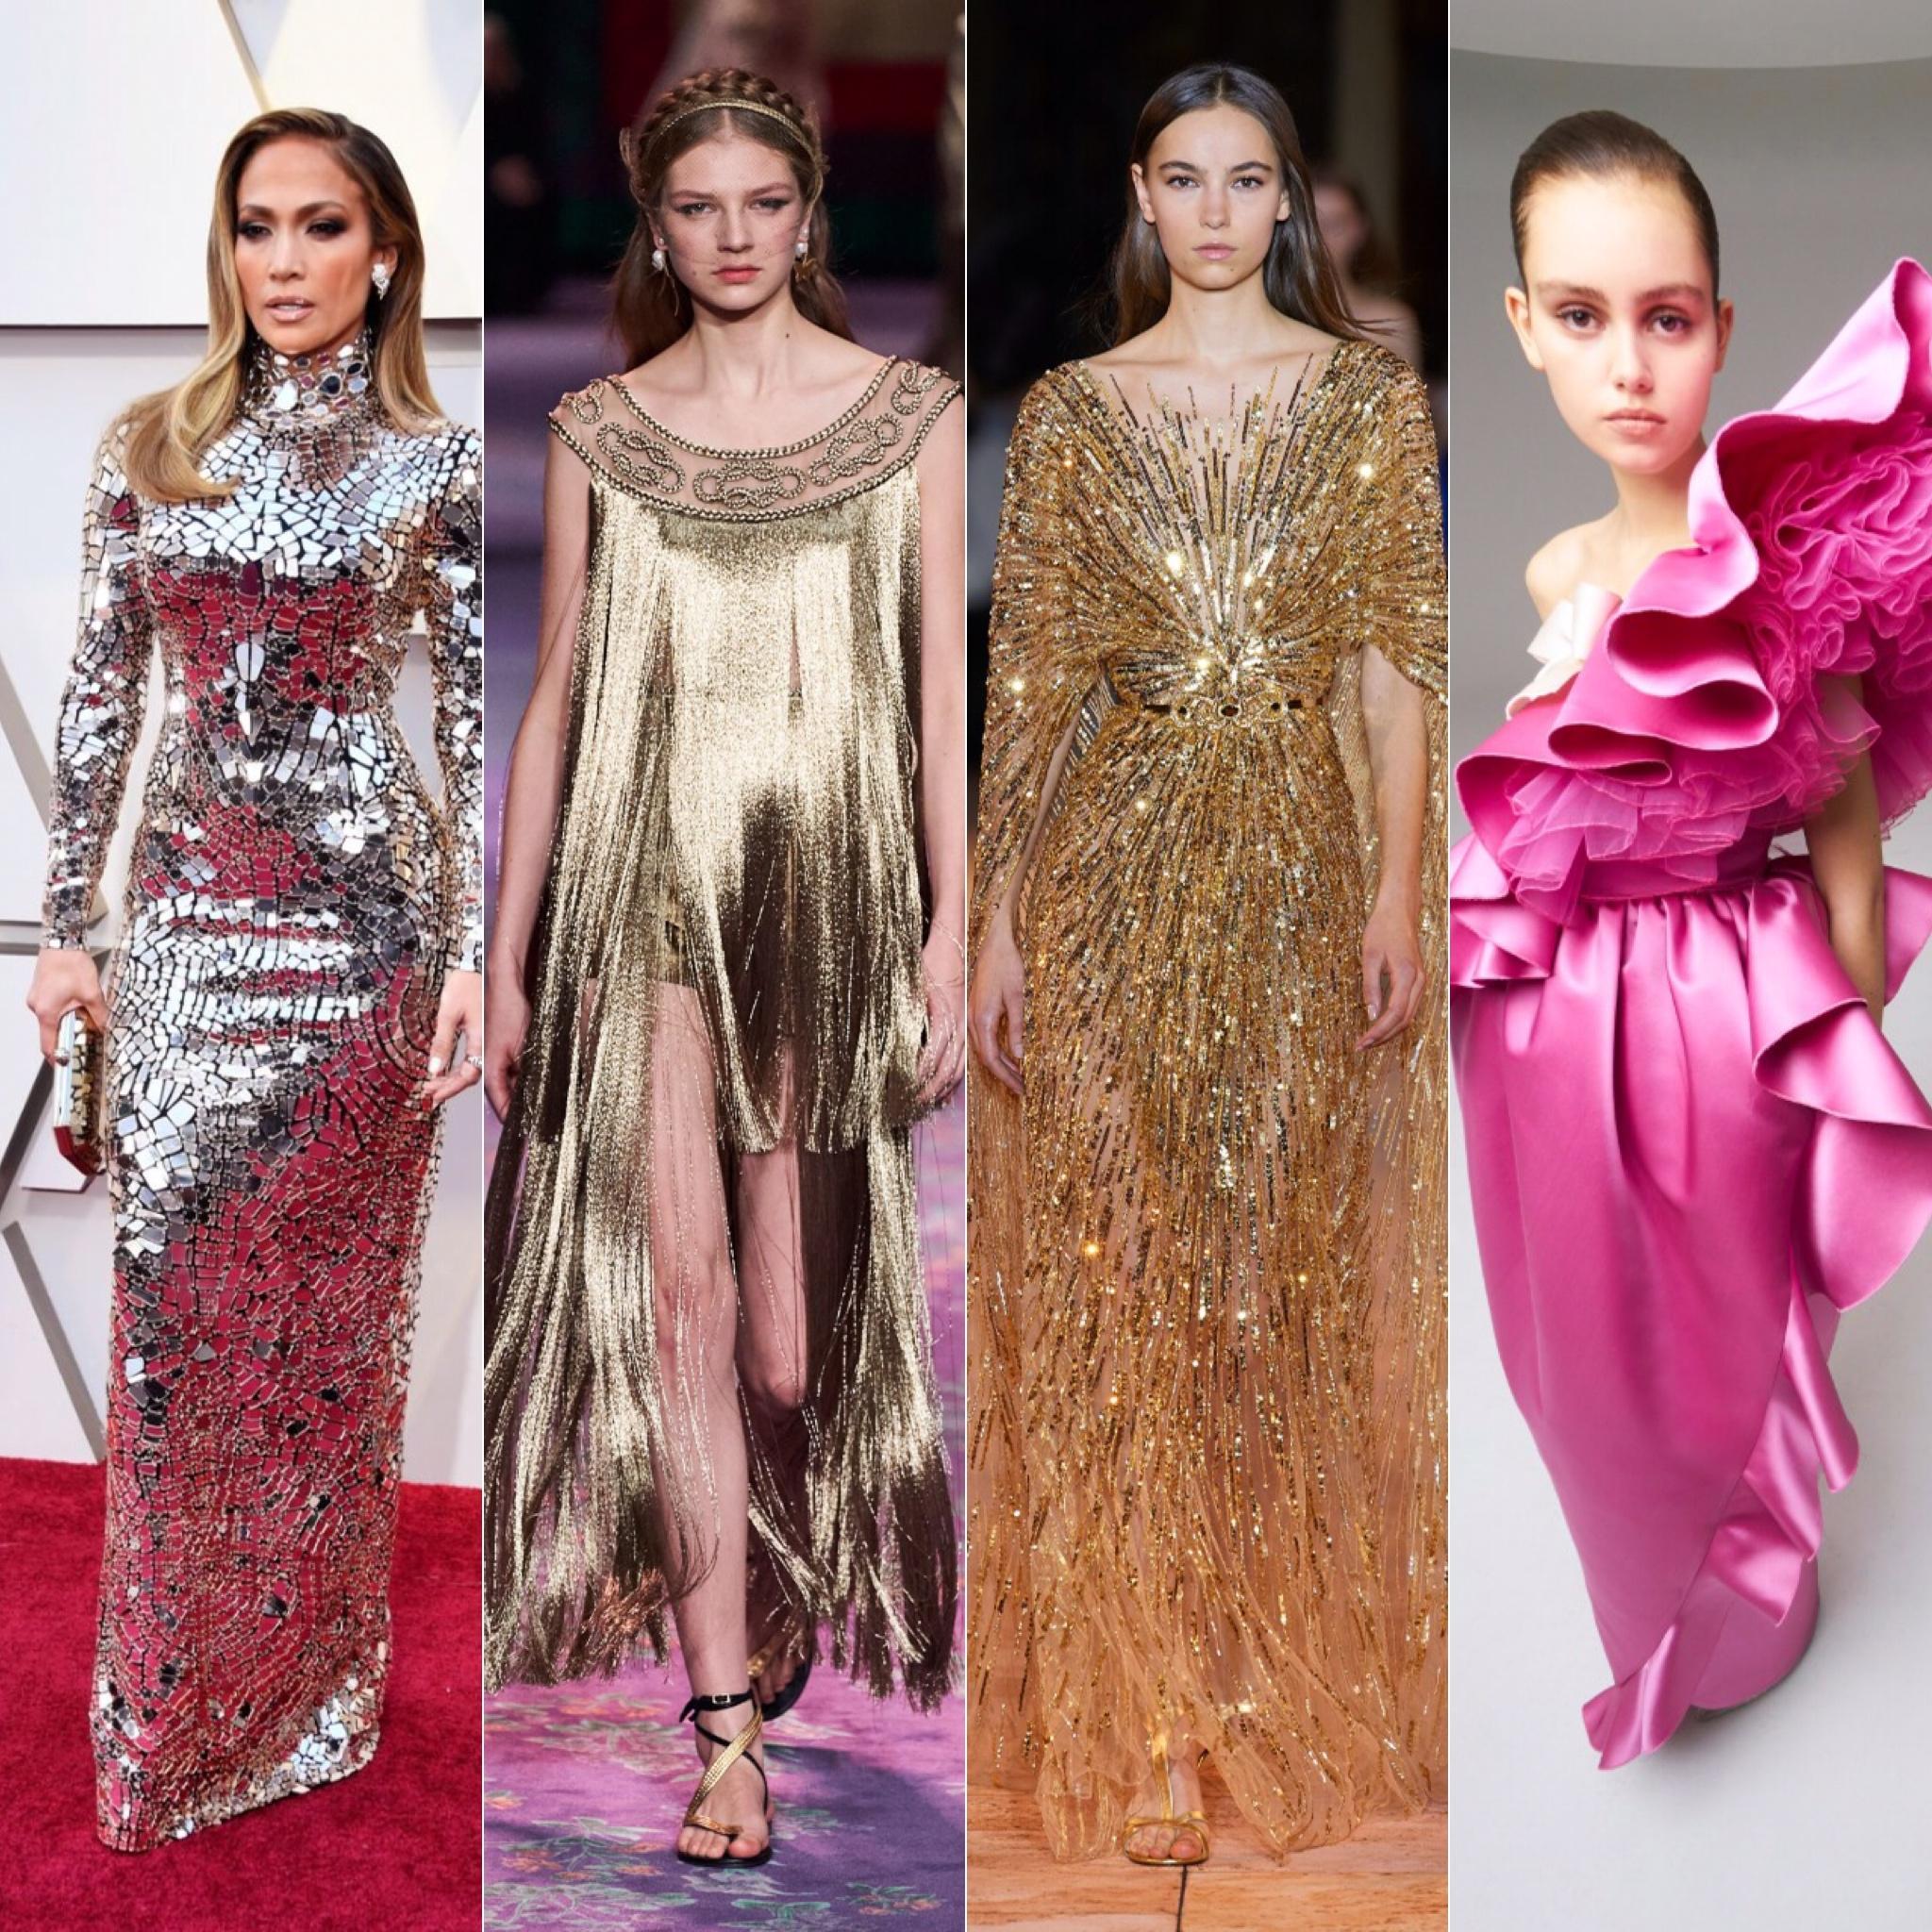 J.Lo de Tom Ford, em seguida looks de Dior, Zuhair Murad e Giambattista Valli / Reprodução e Cortesia